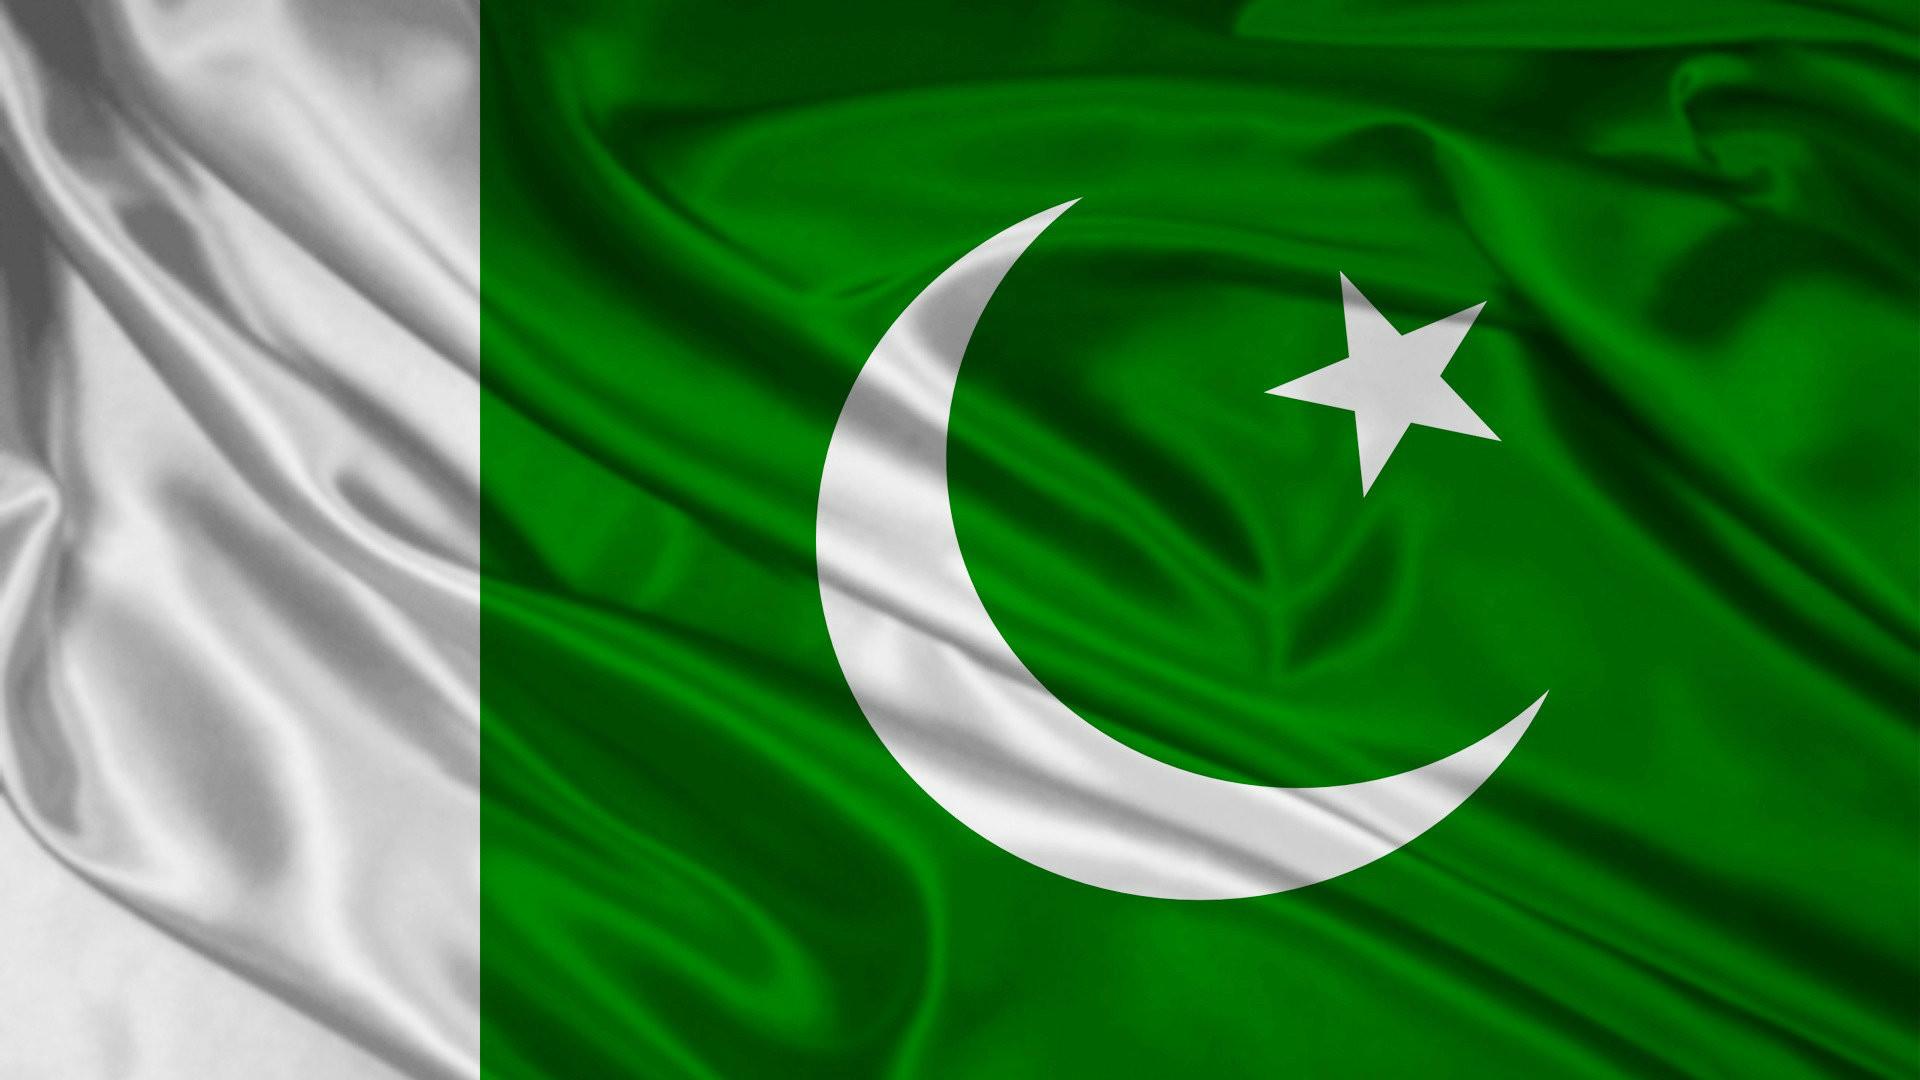 Res: 1920x1080, Pakistani Flag HD Picture For Desktop